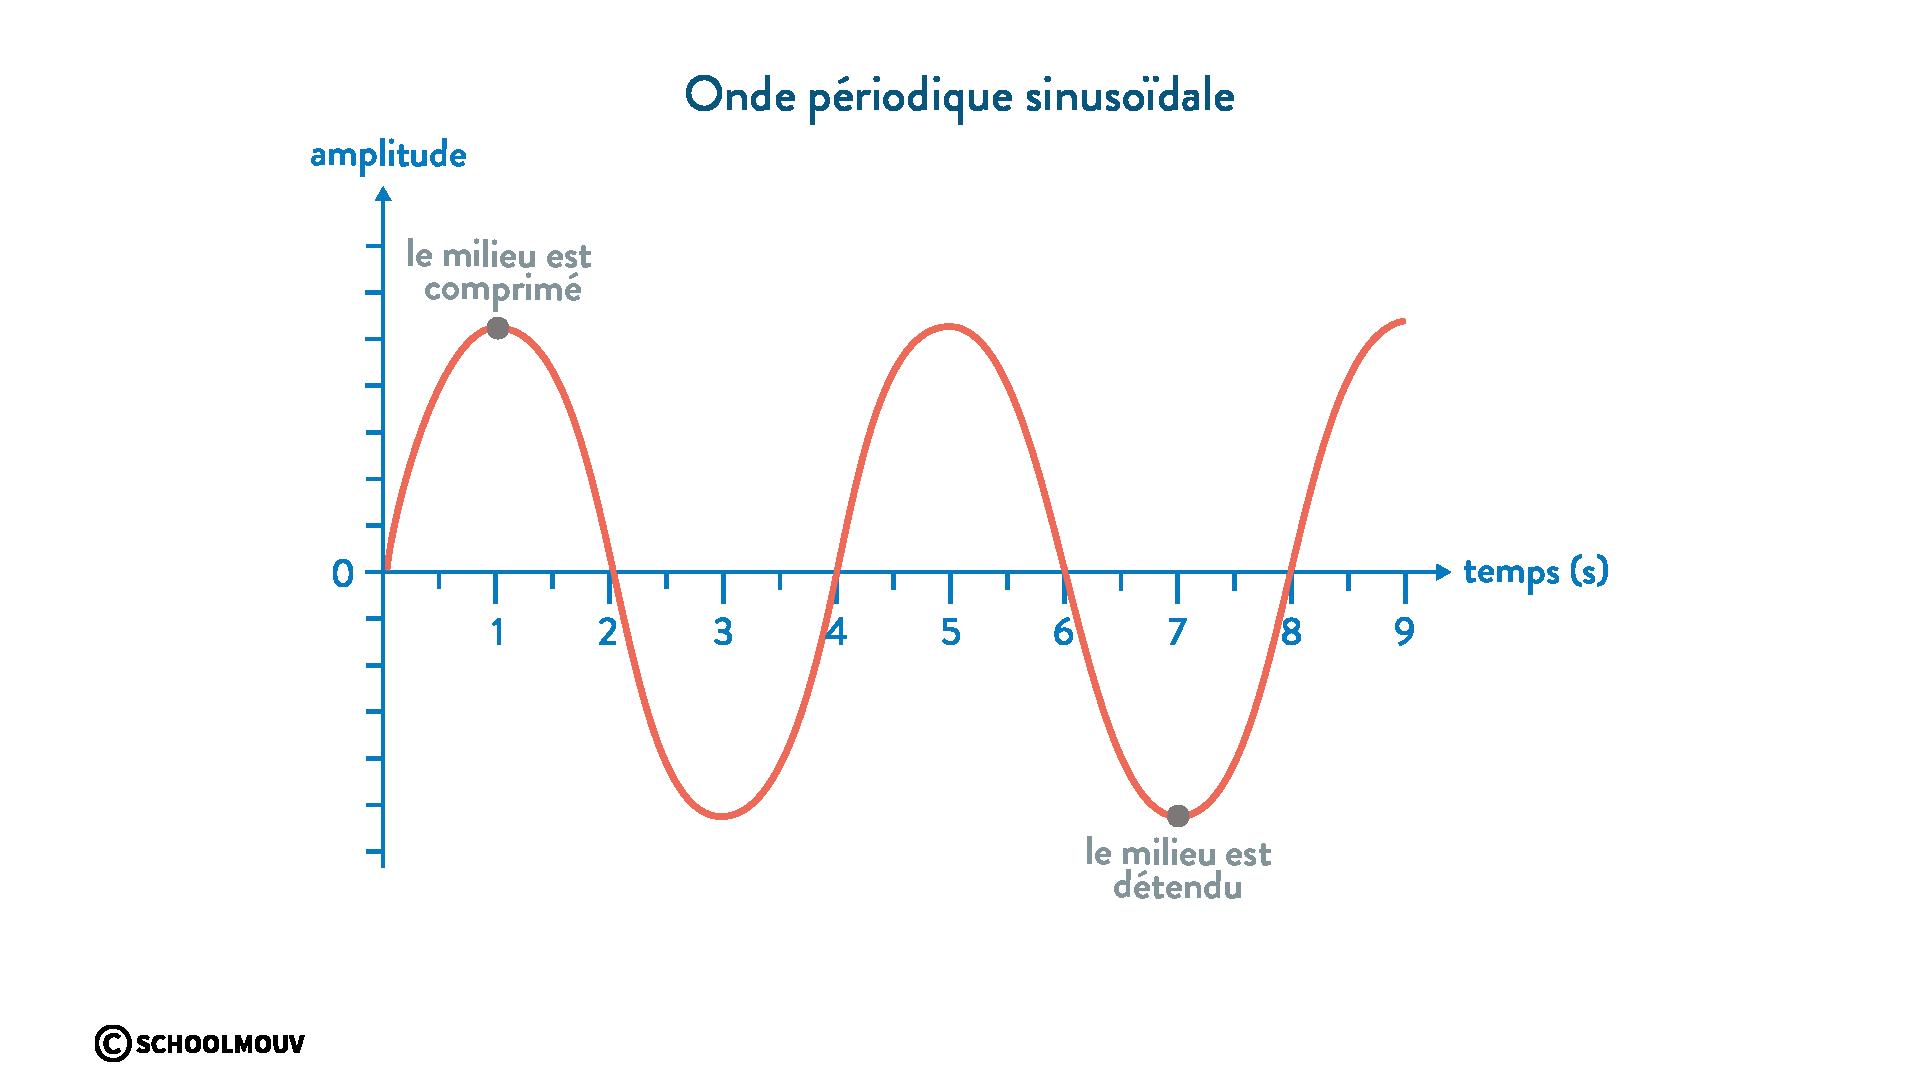 onde périodique sinusoïdale